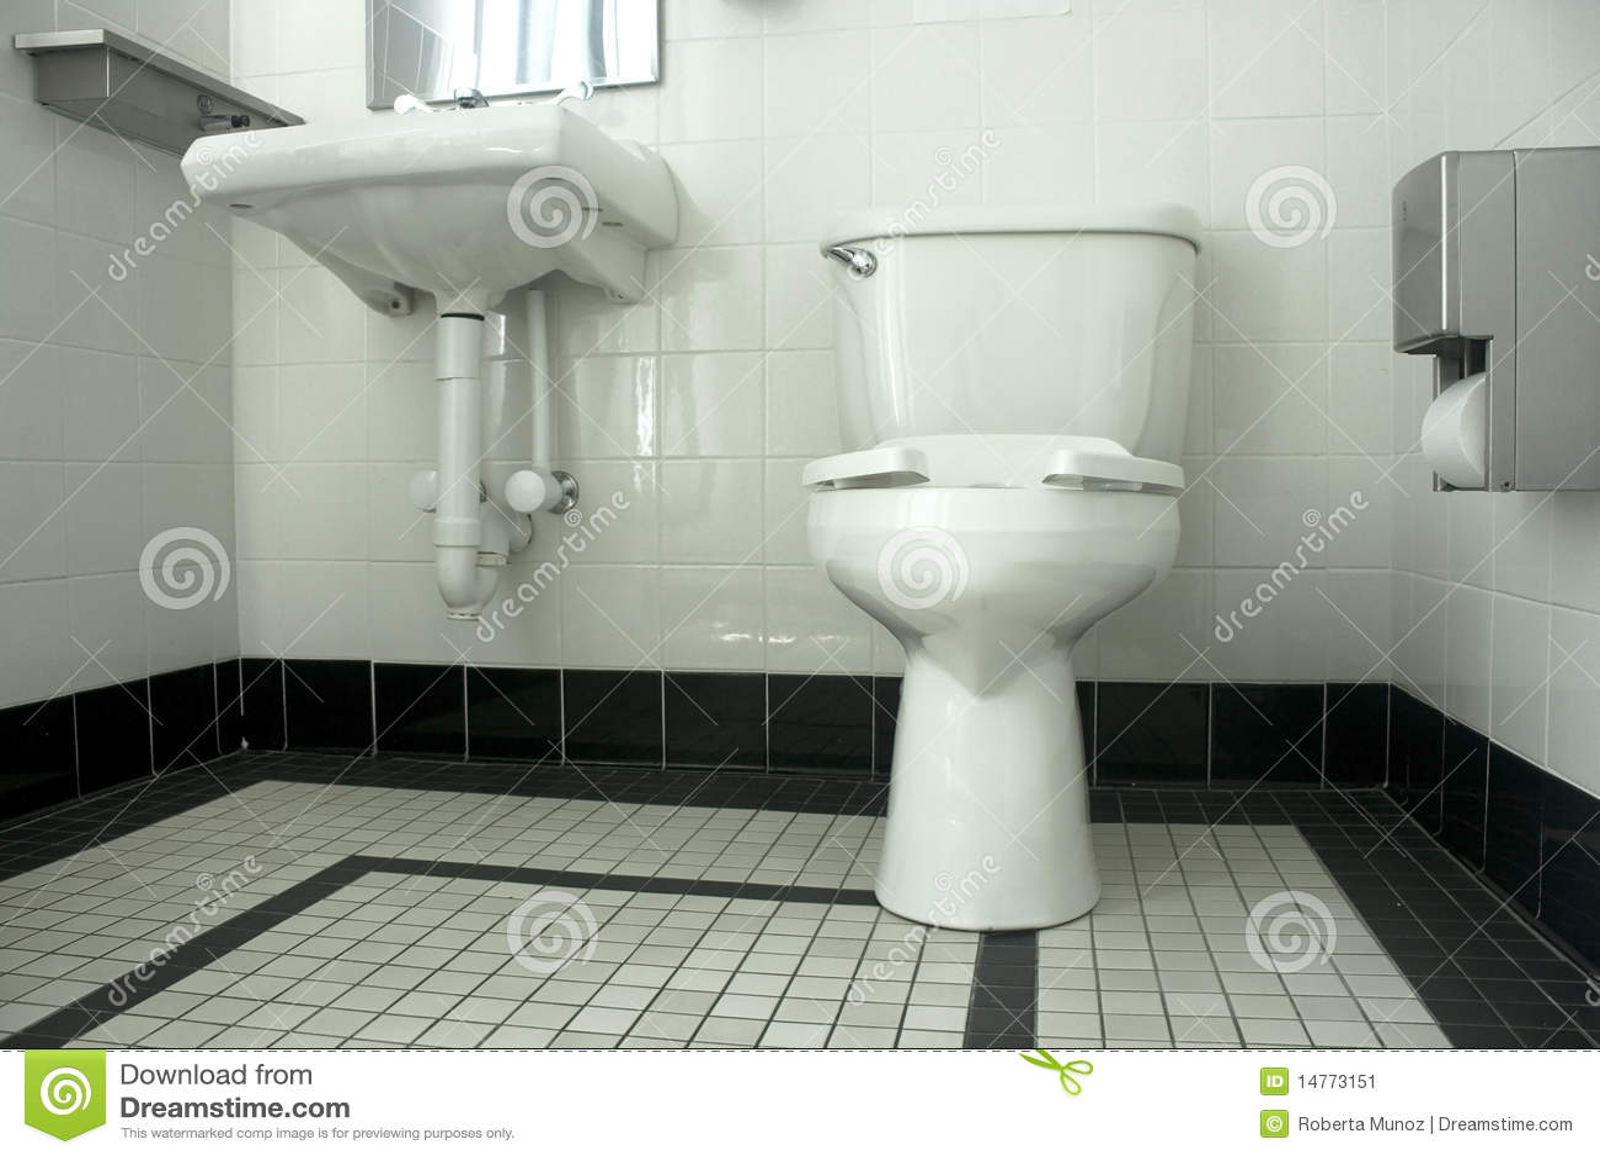 Banheiro Preto E Branco Imagem de Stock Imagem: 14773151 #85A823 1300 957